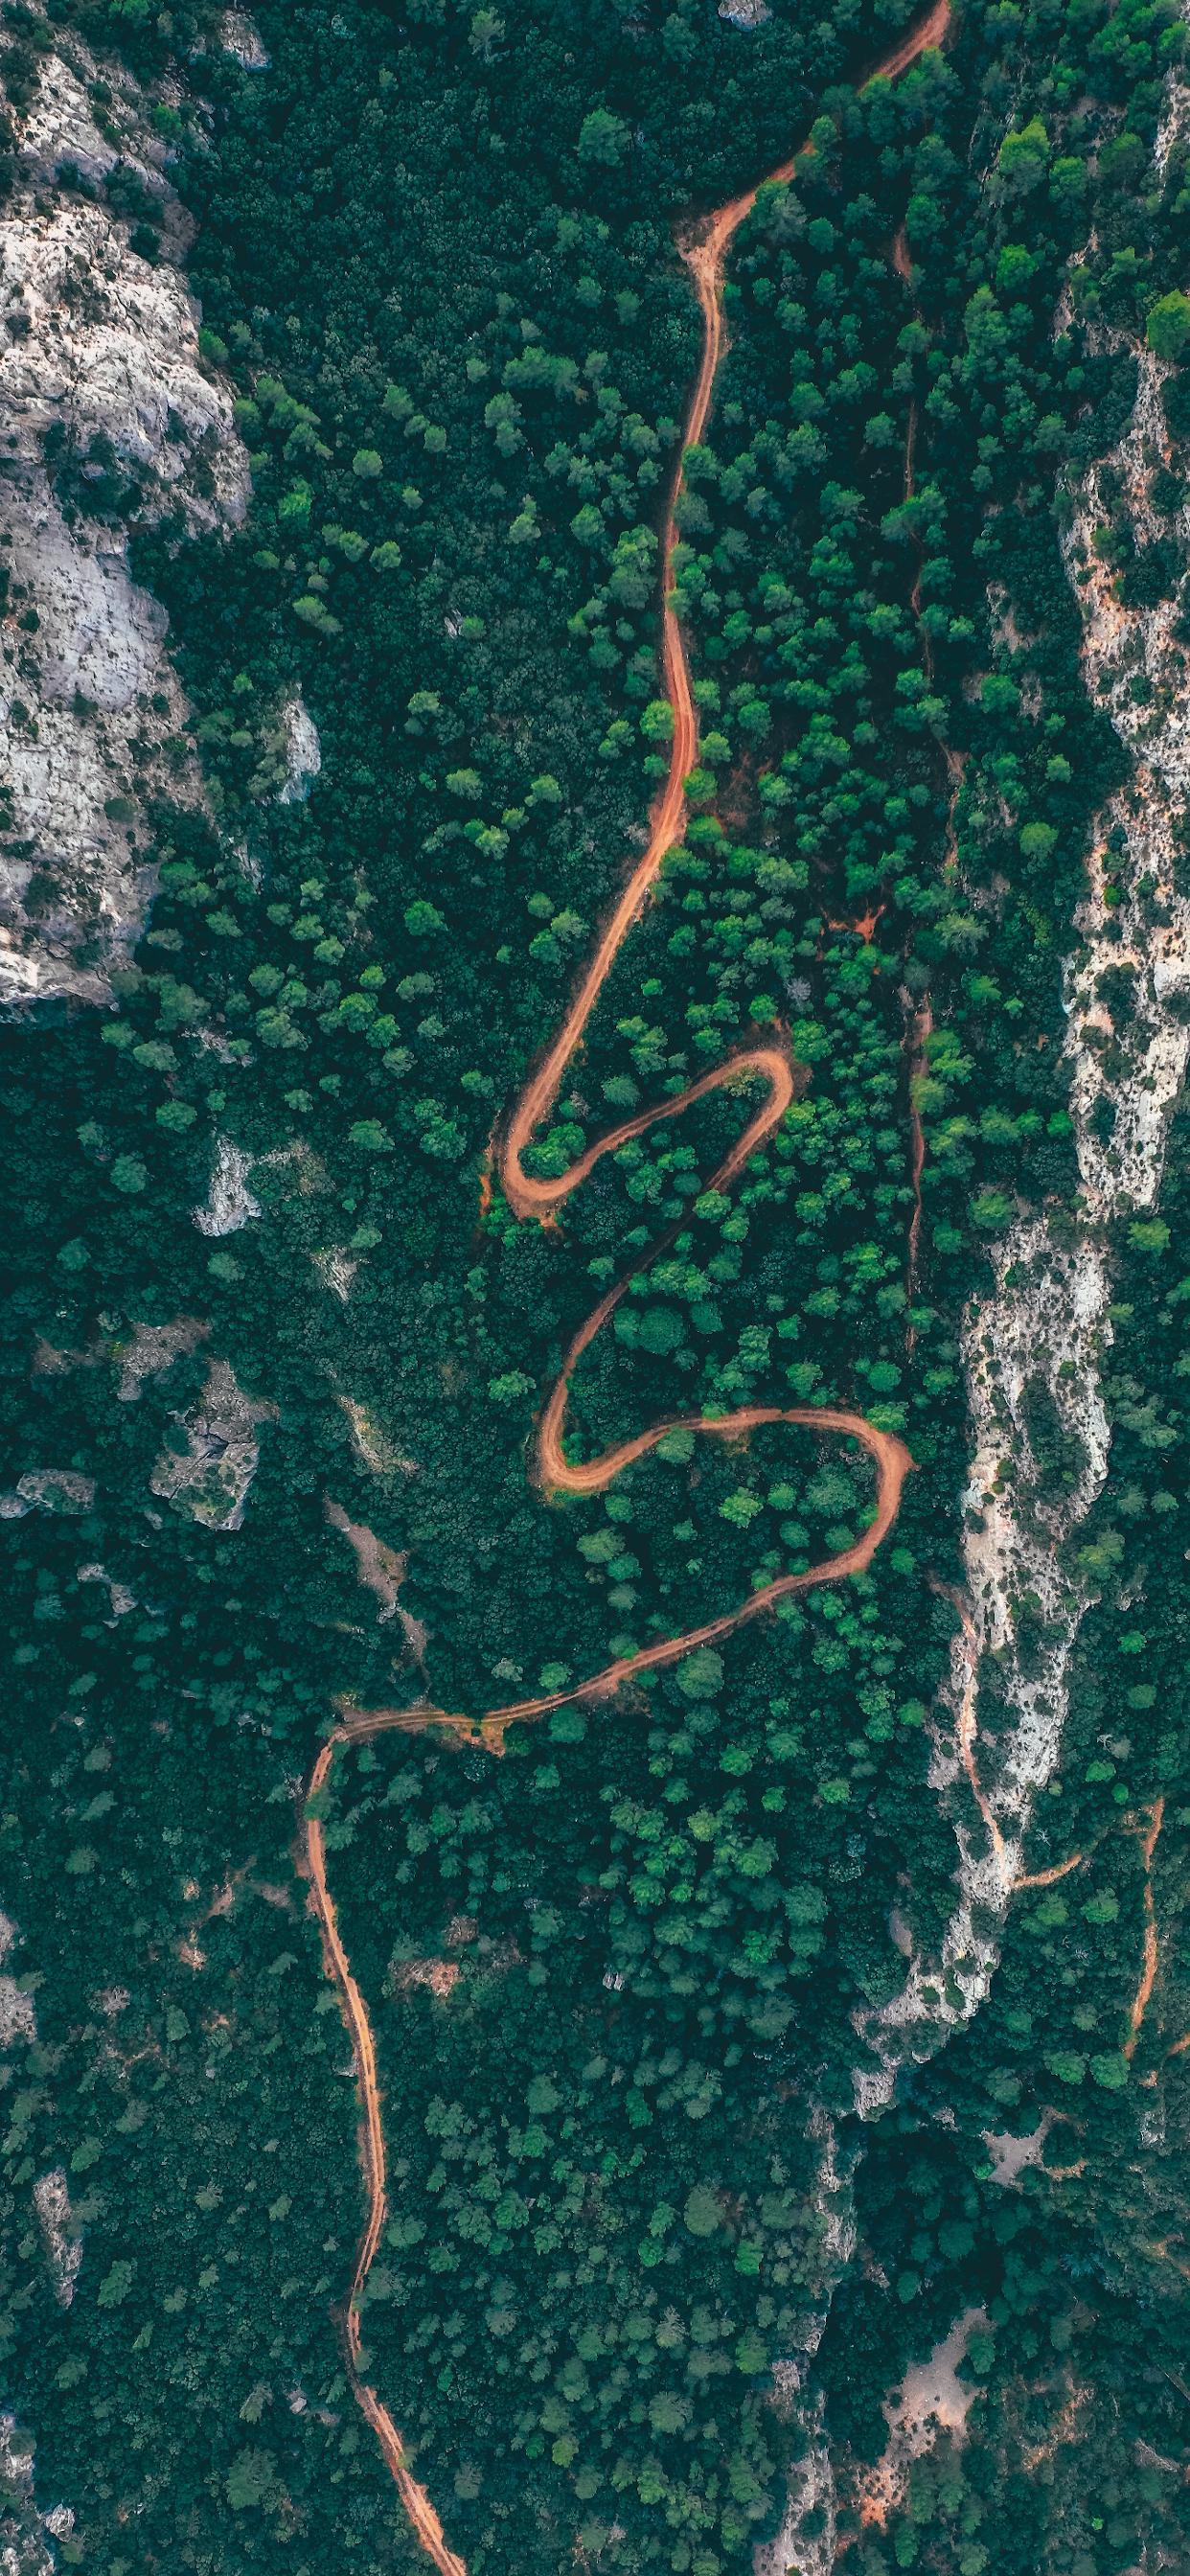 iPhone wallpapers aerial image horta de sant joan Fonds d'écran iPhone du 07/02/2020